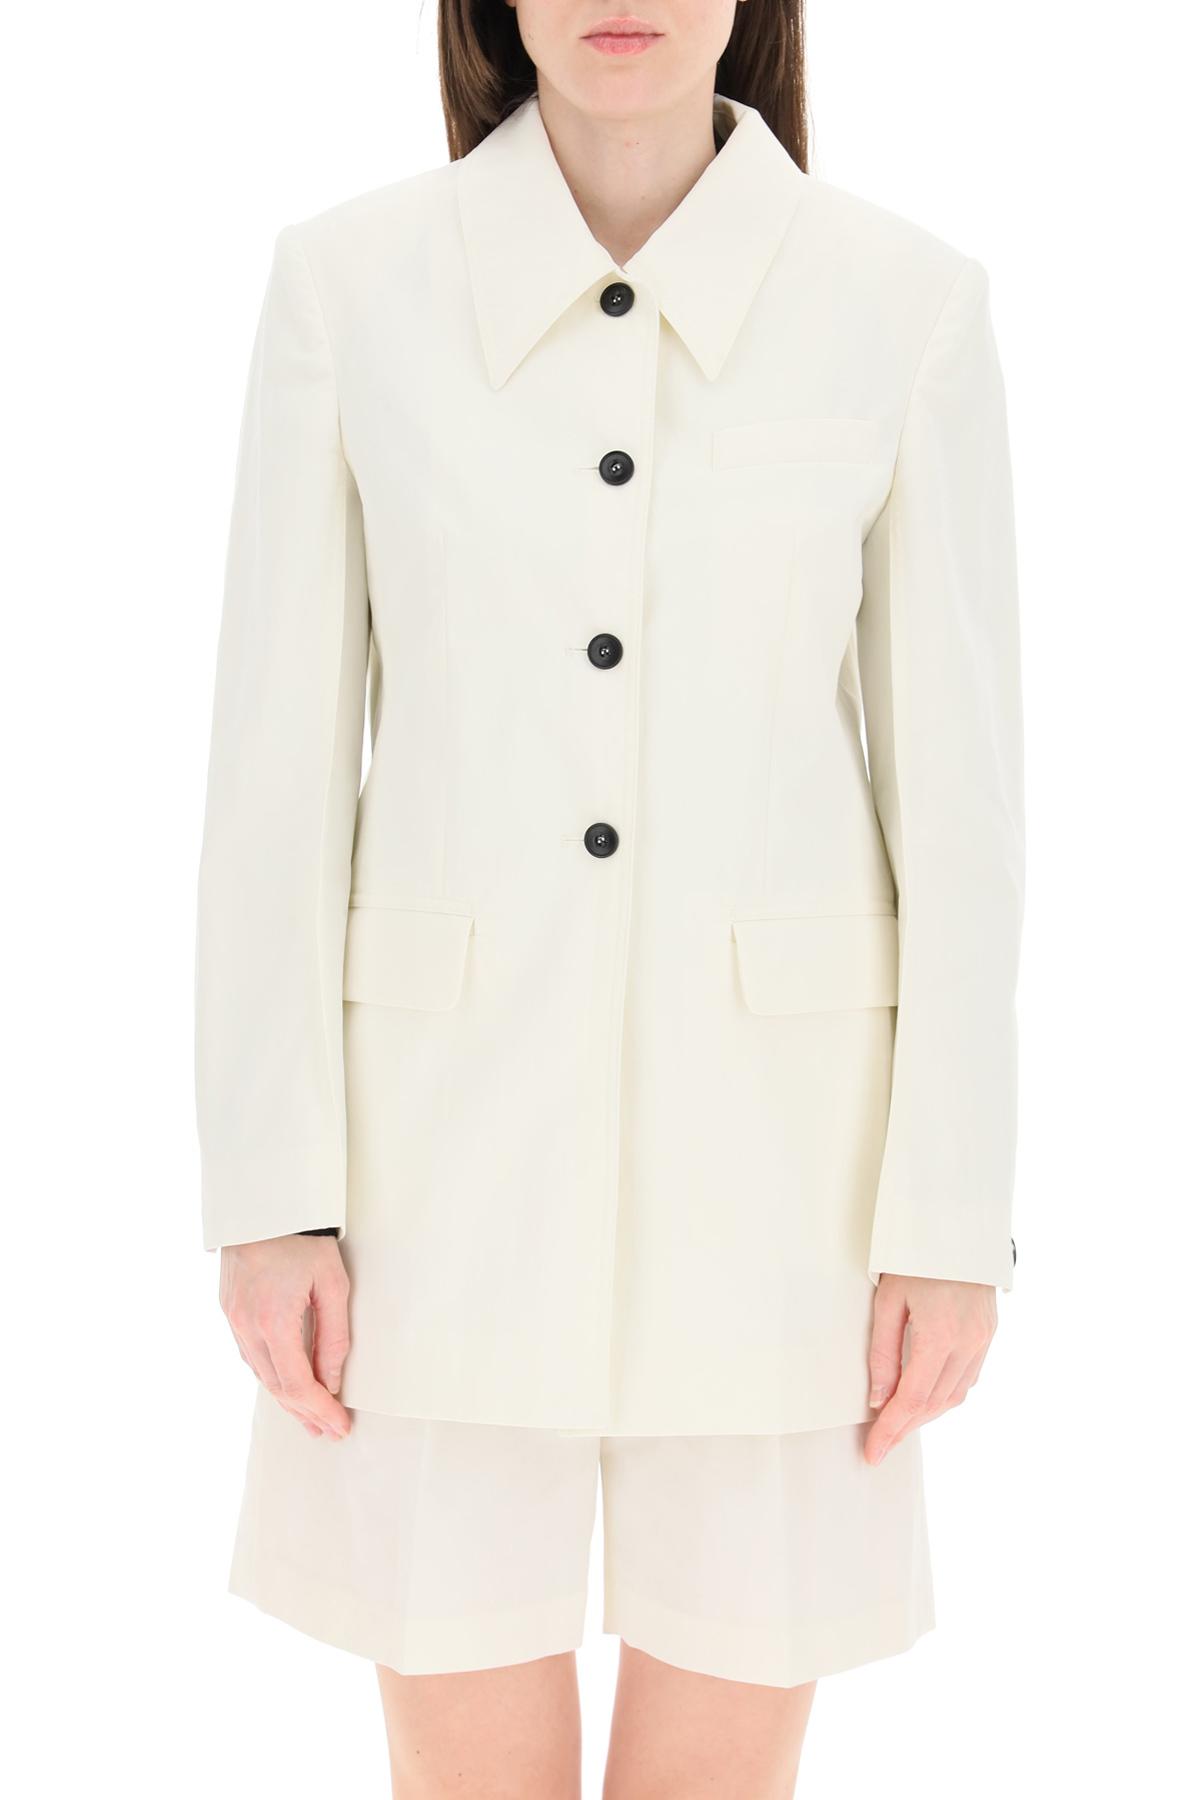 Low classic blazer in cotone